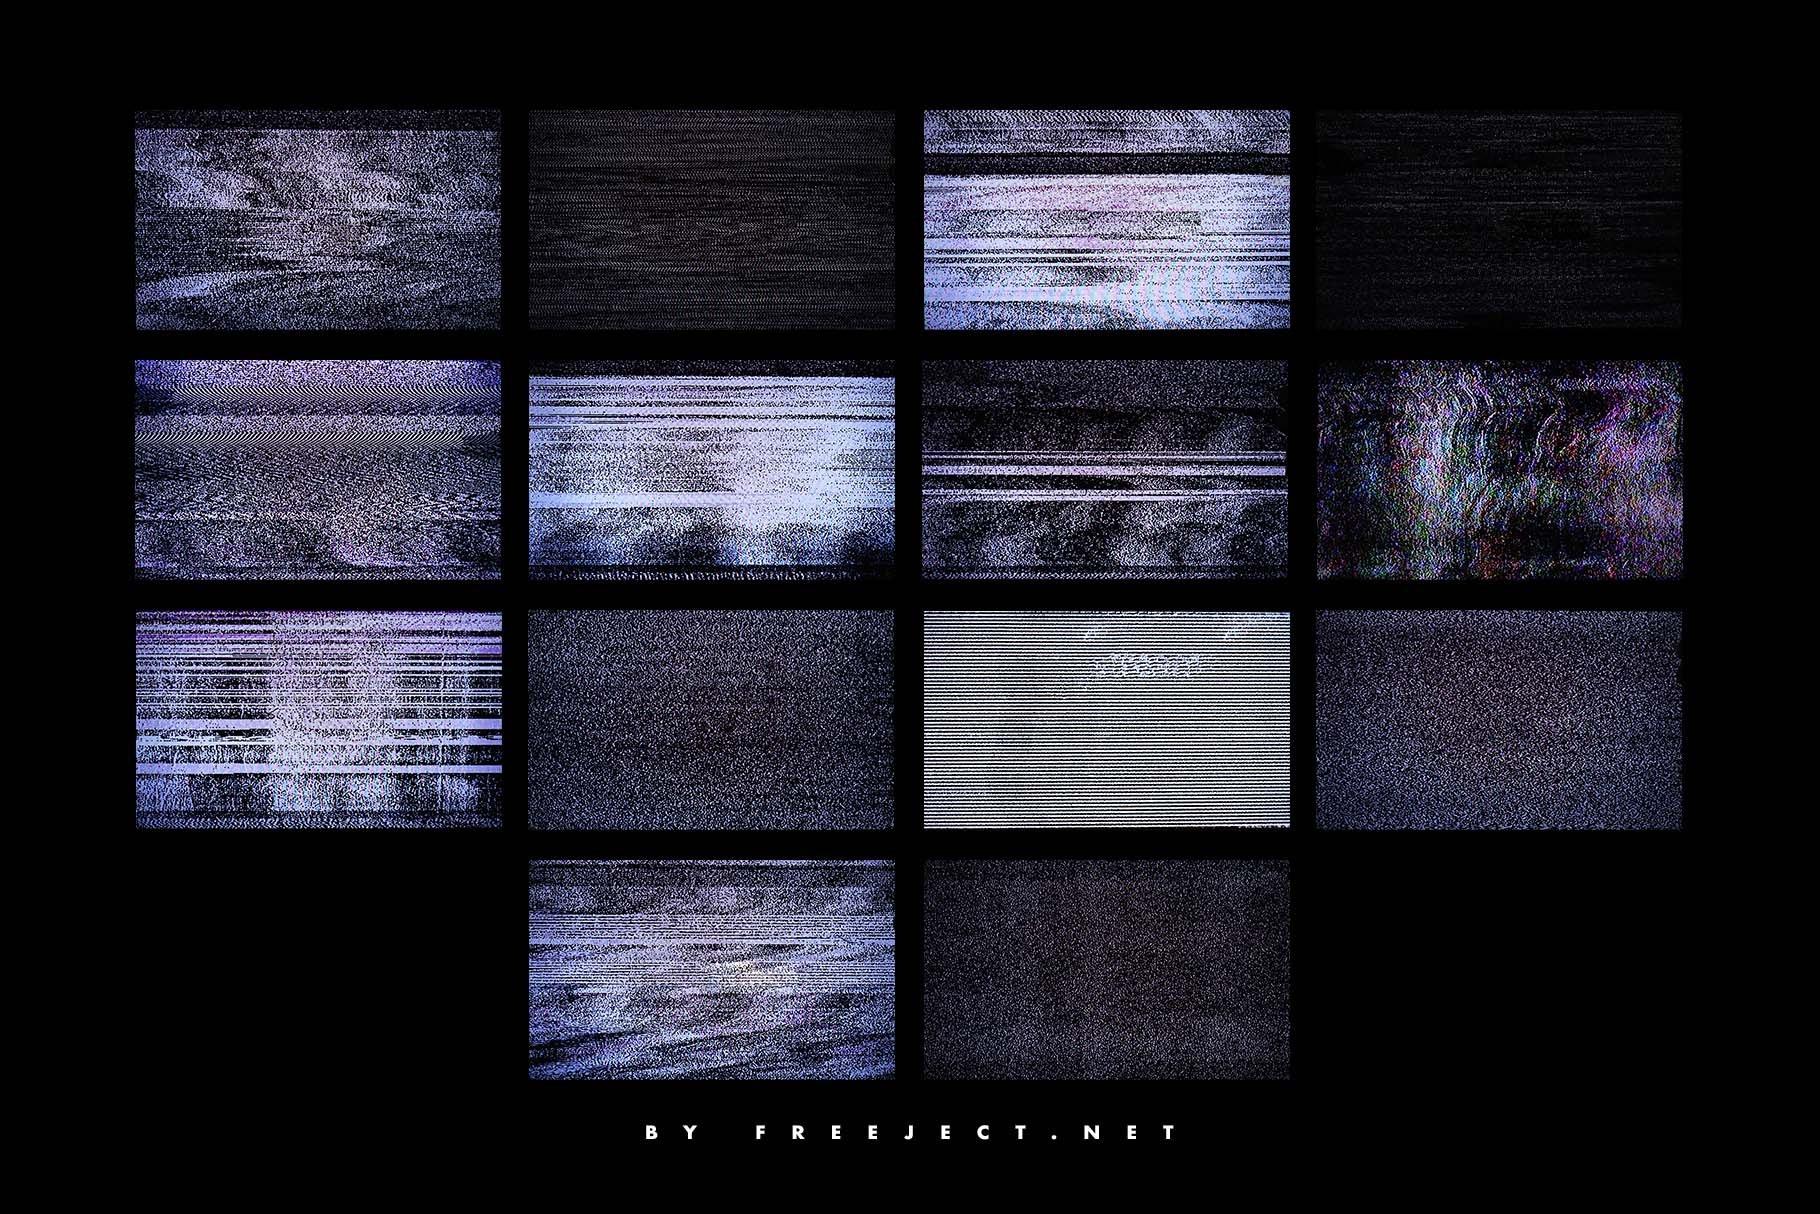 [淘宝购买]62款高清抽象粗糙故障风平面广告海报设计背景纹理图片素材 62 Abstract Scanline Glitch Texture插图(9)